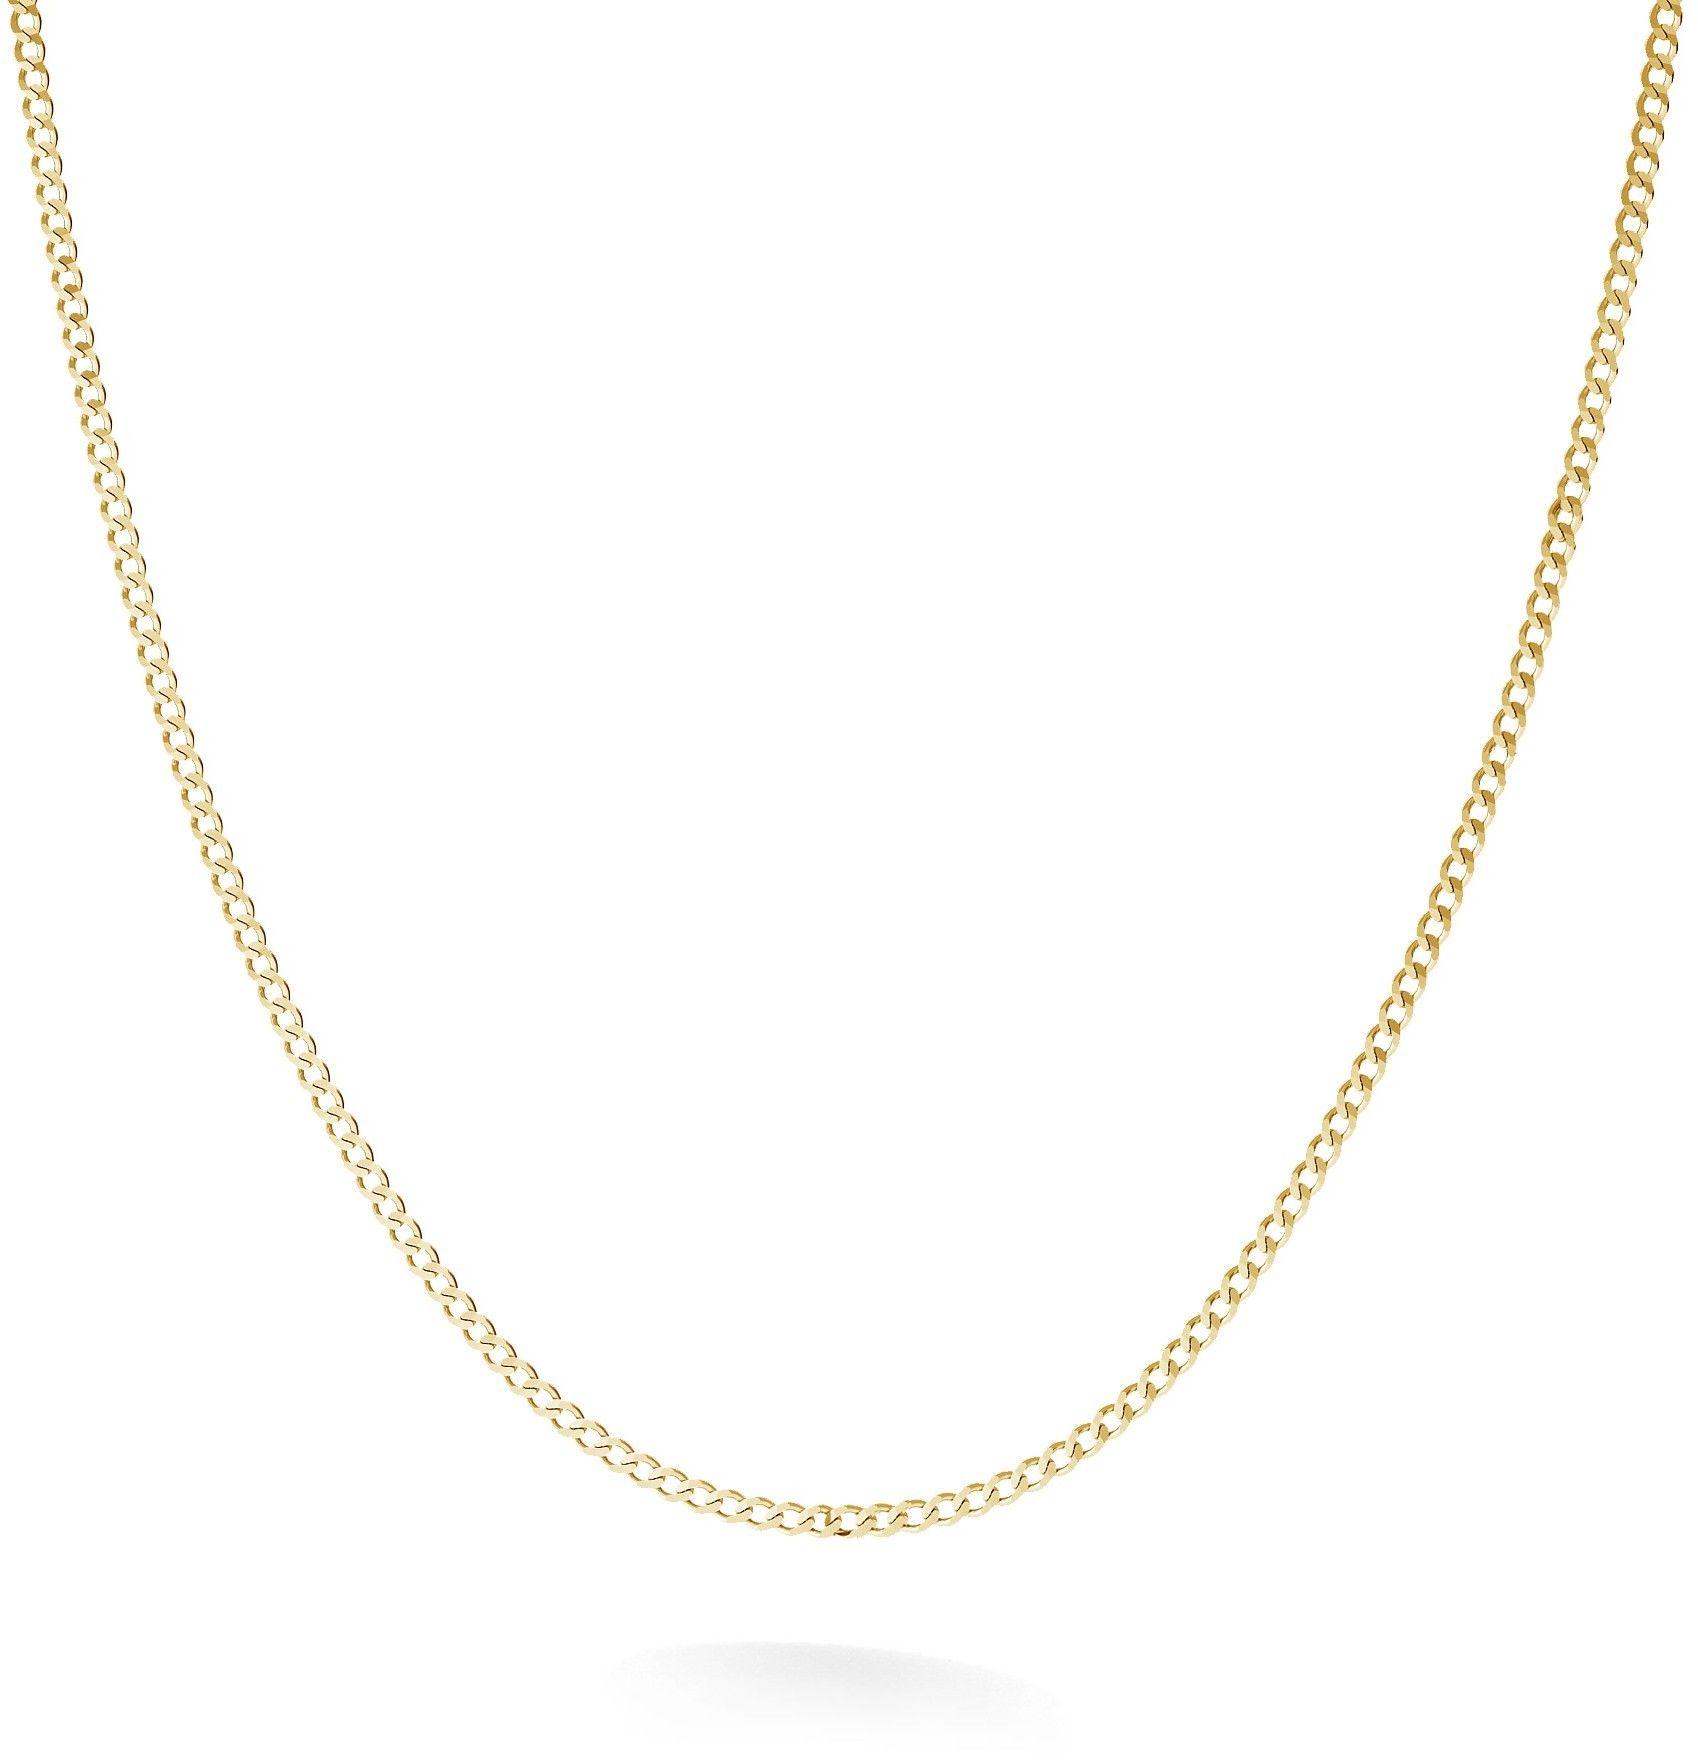 Srebrny łańcuszek pancerka diamentowana, srebro 925 : Długość (cm) - 90, Srebro - kolor pokrycia - Pokrycie żółtym 18K złotem